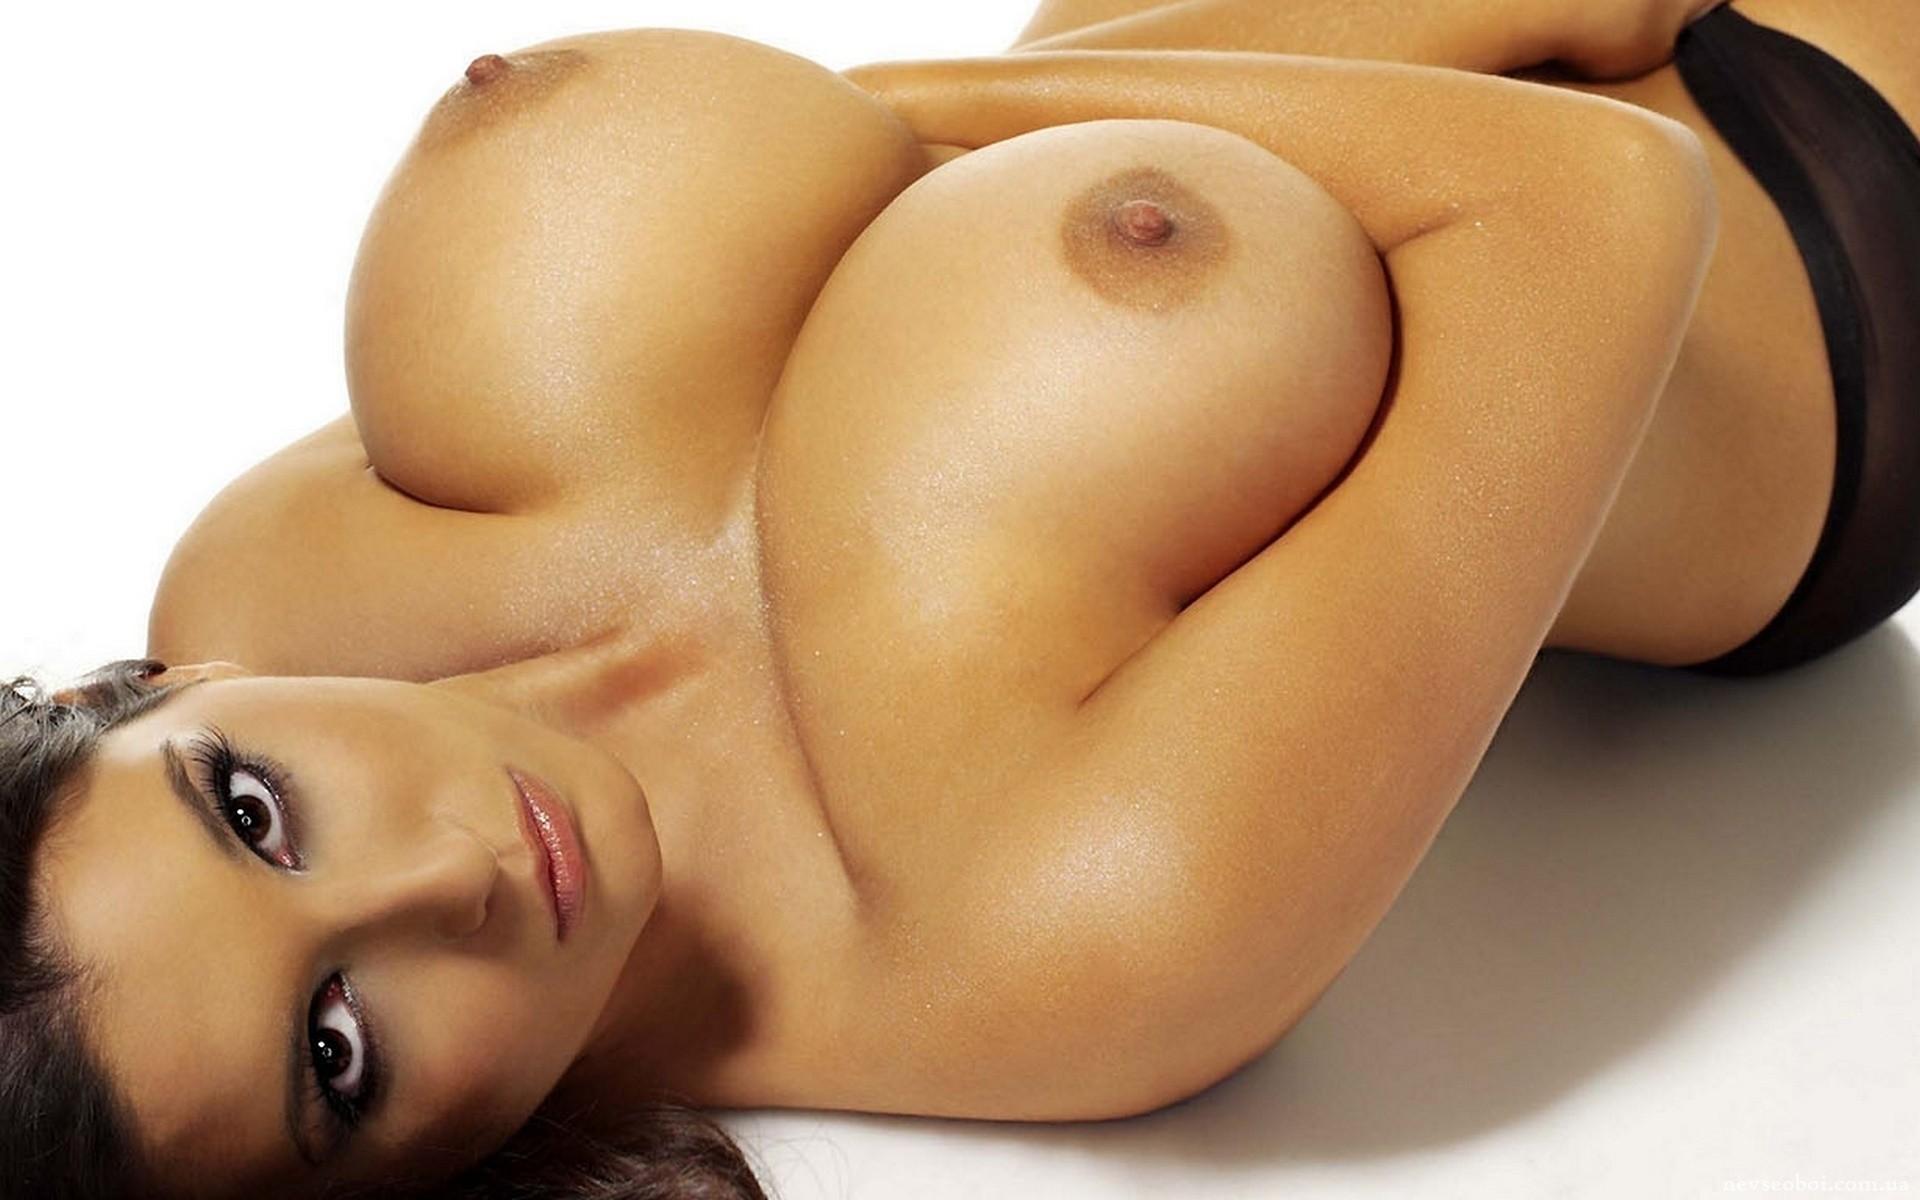 Сиски бесплатно эротика 4 фотография